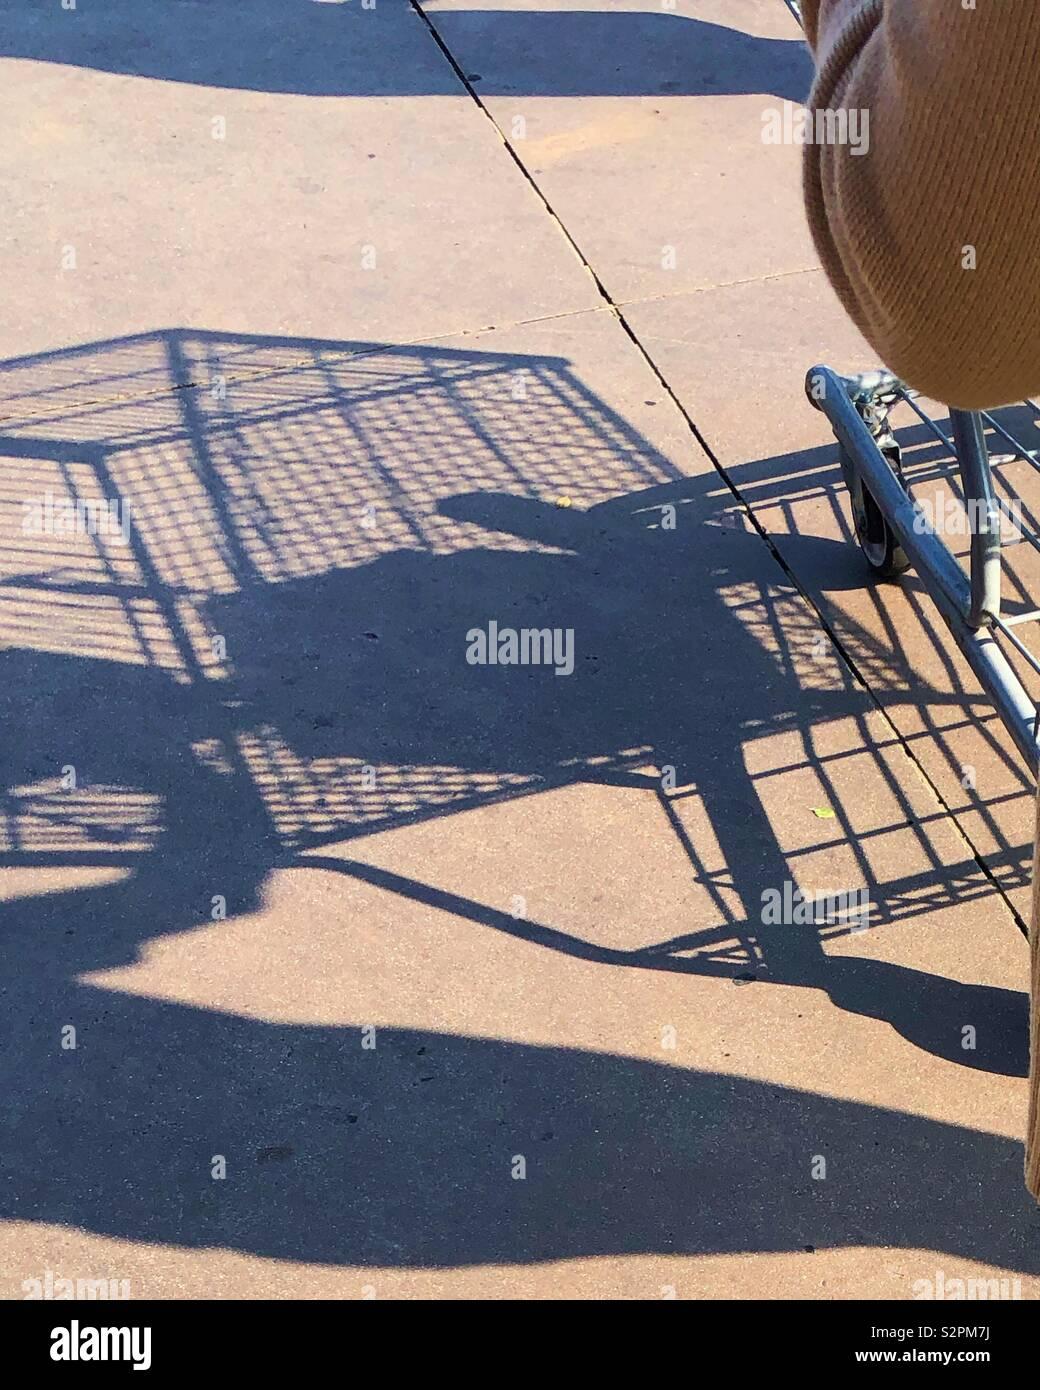 Shopping in der Mall und schieben Einkaufswagen auf dem Parkplatz Stockfoto